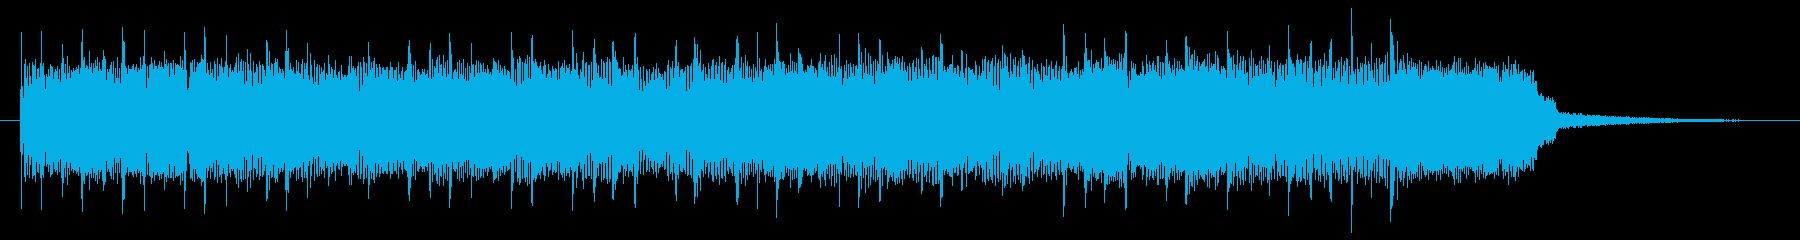 ブルージーでヘヴィなロックのジングルの再生済みの波形